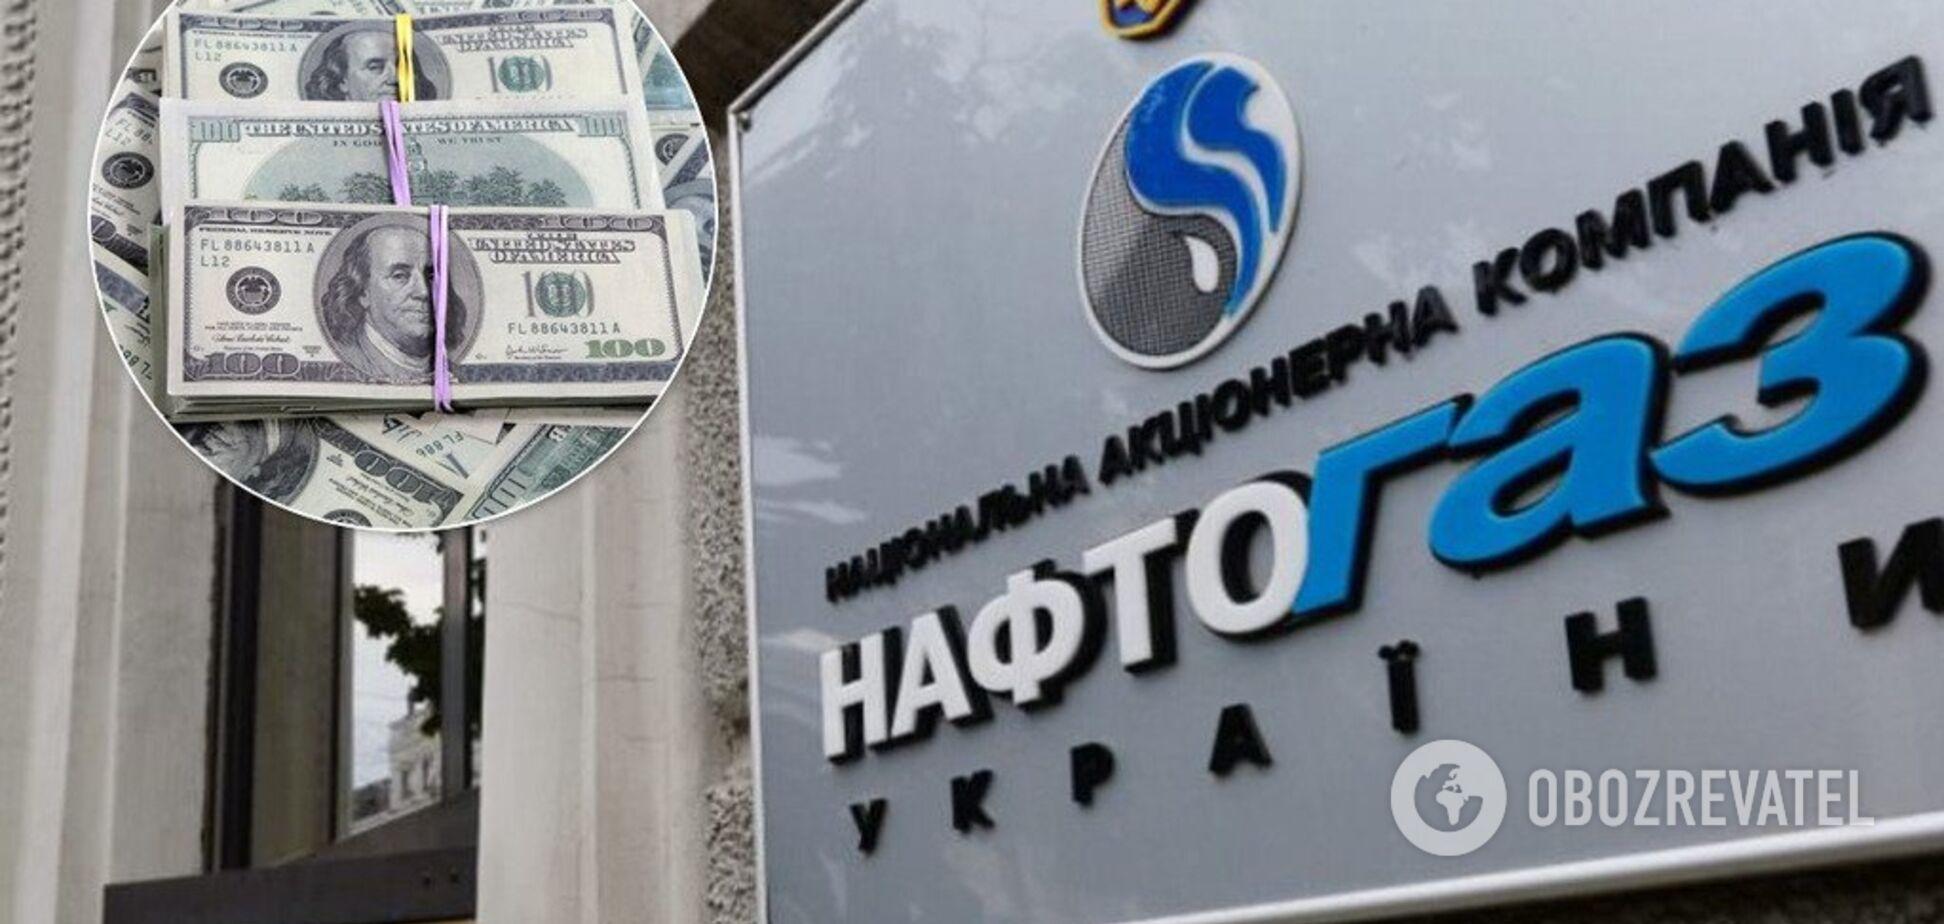 В 'Нафтогазе' приостановят выплату миллионных премий: СМИ